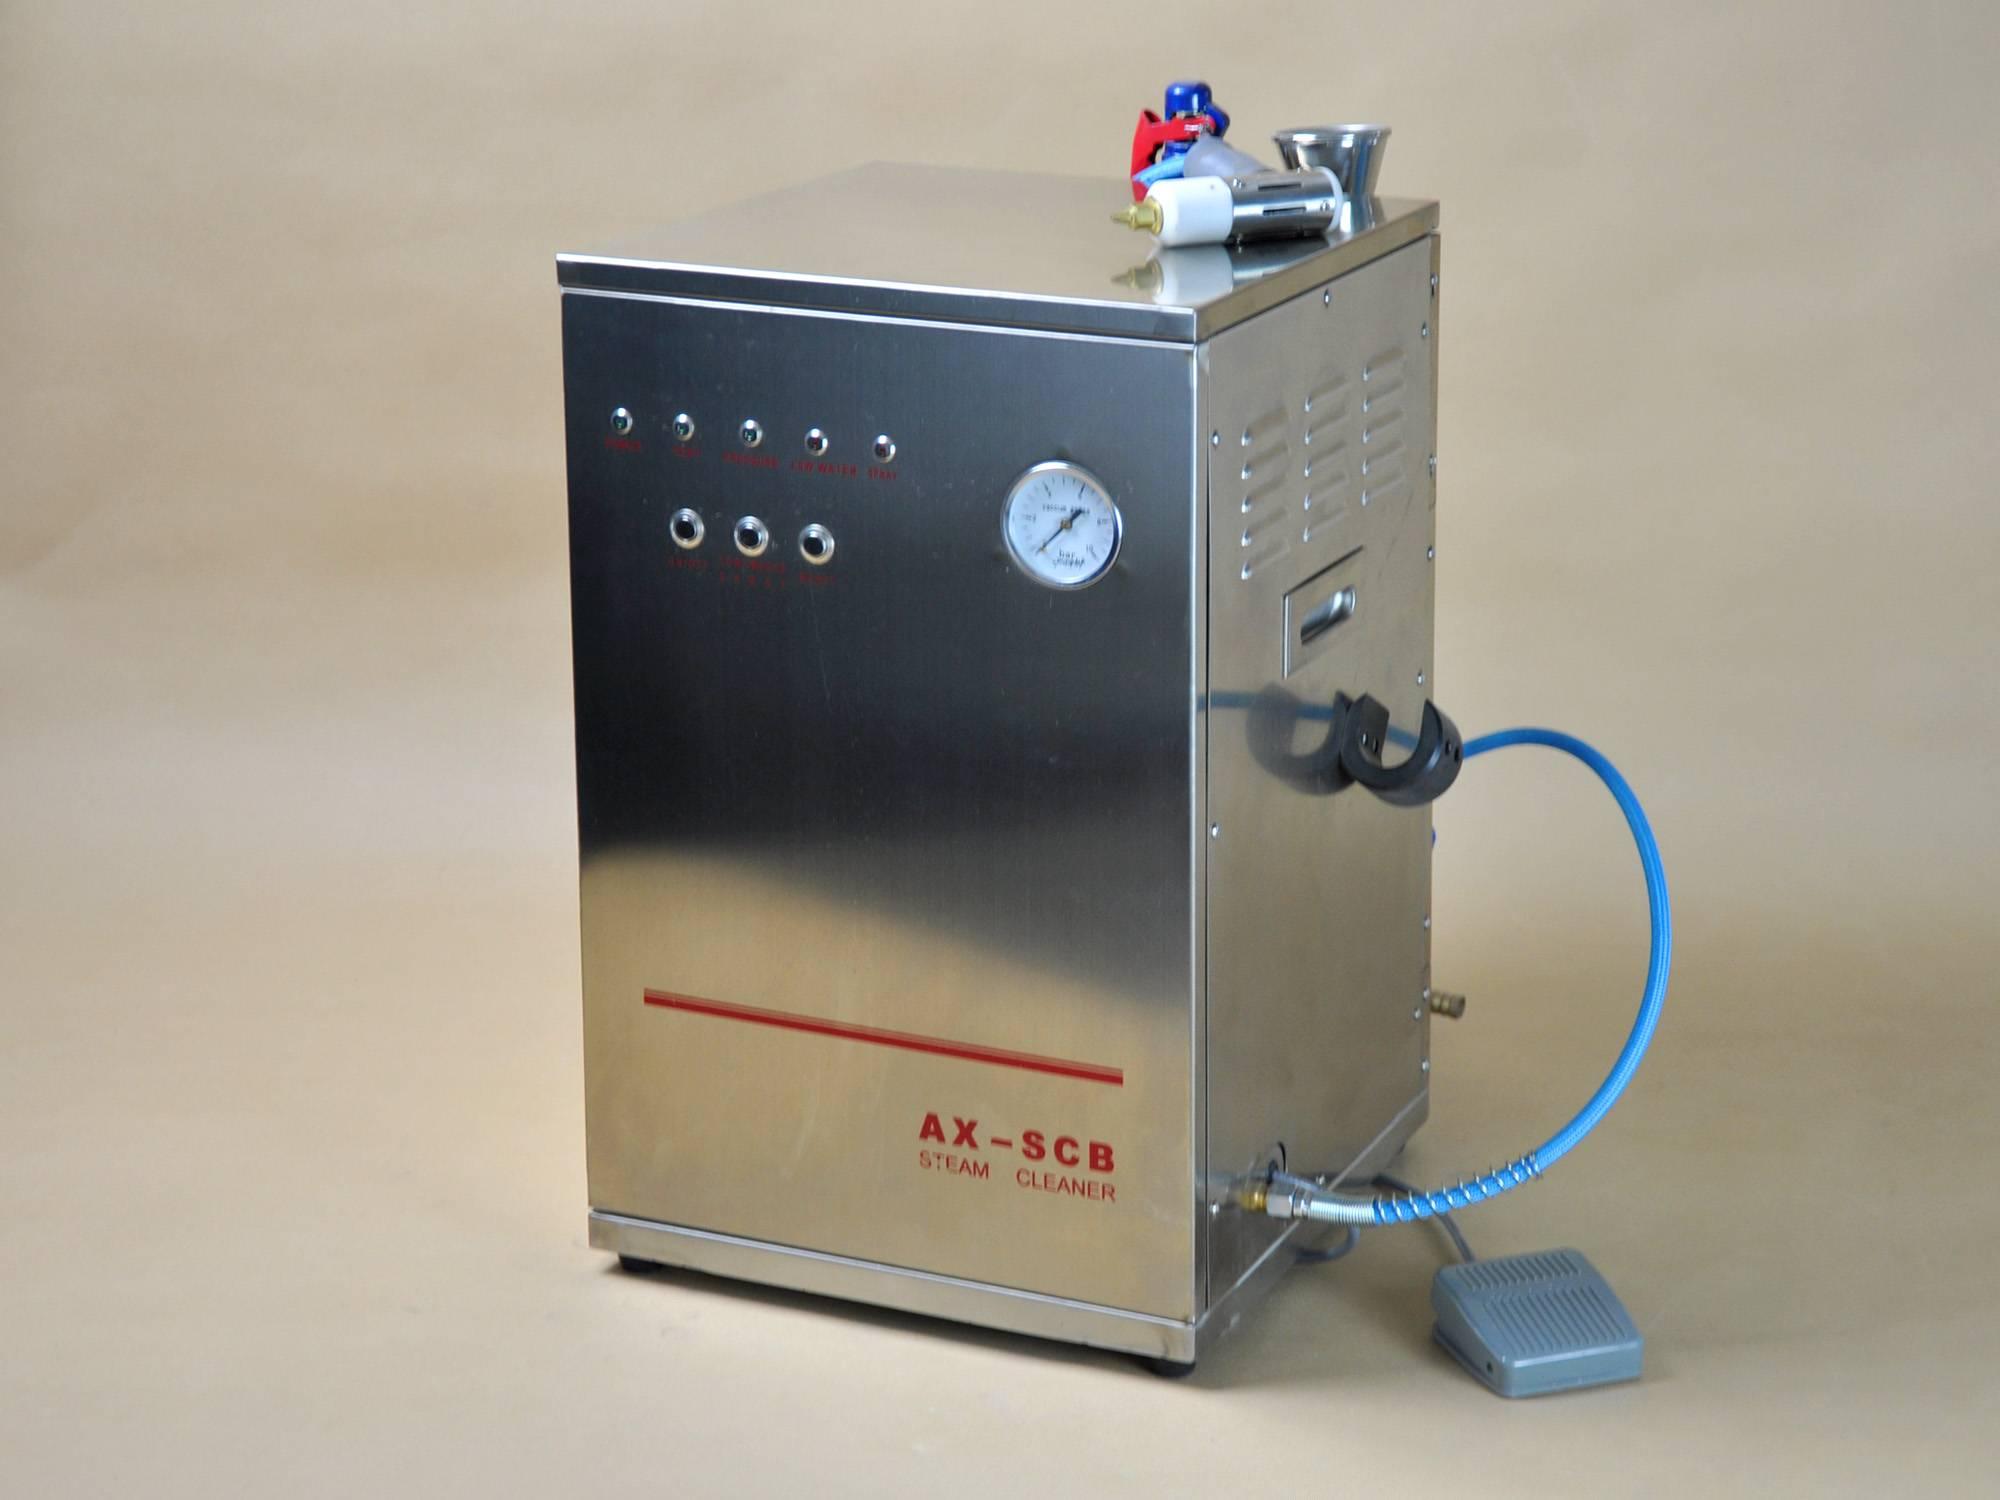 AX-SCB steam cleaner